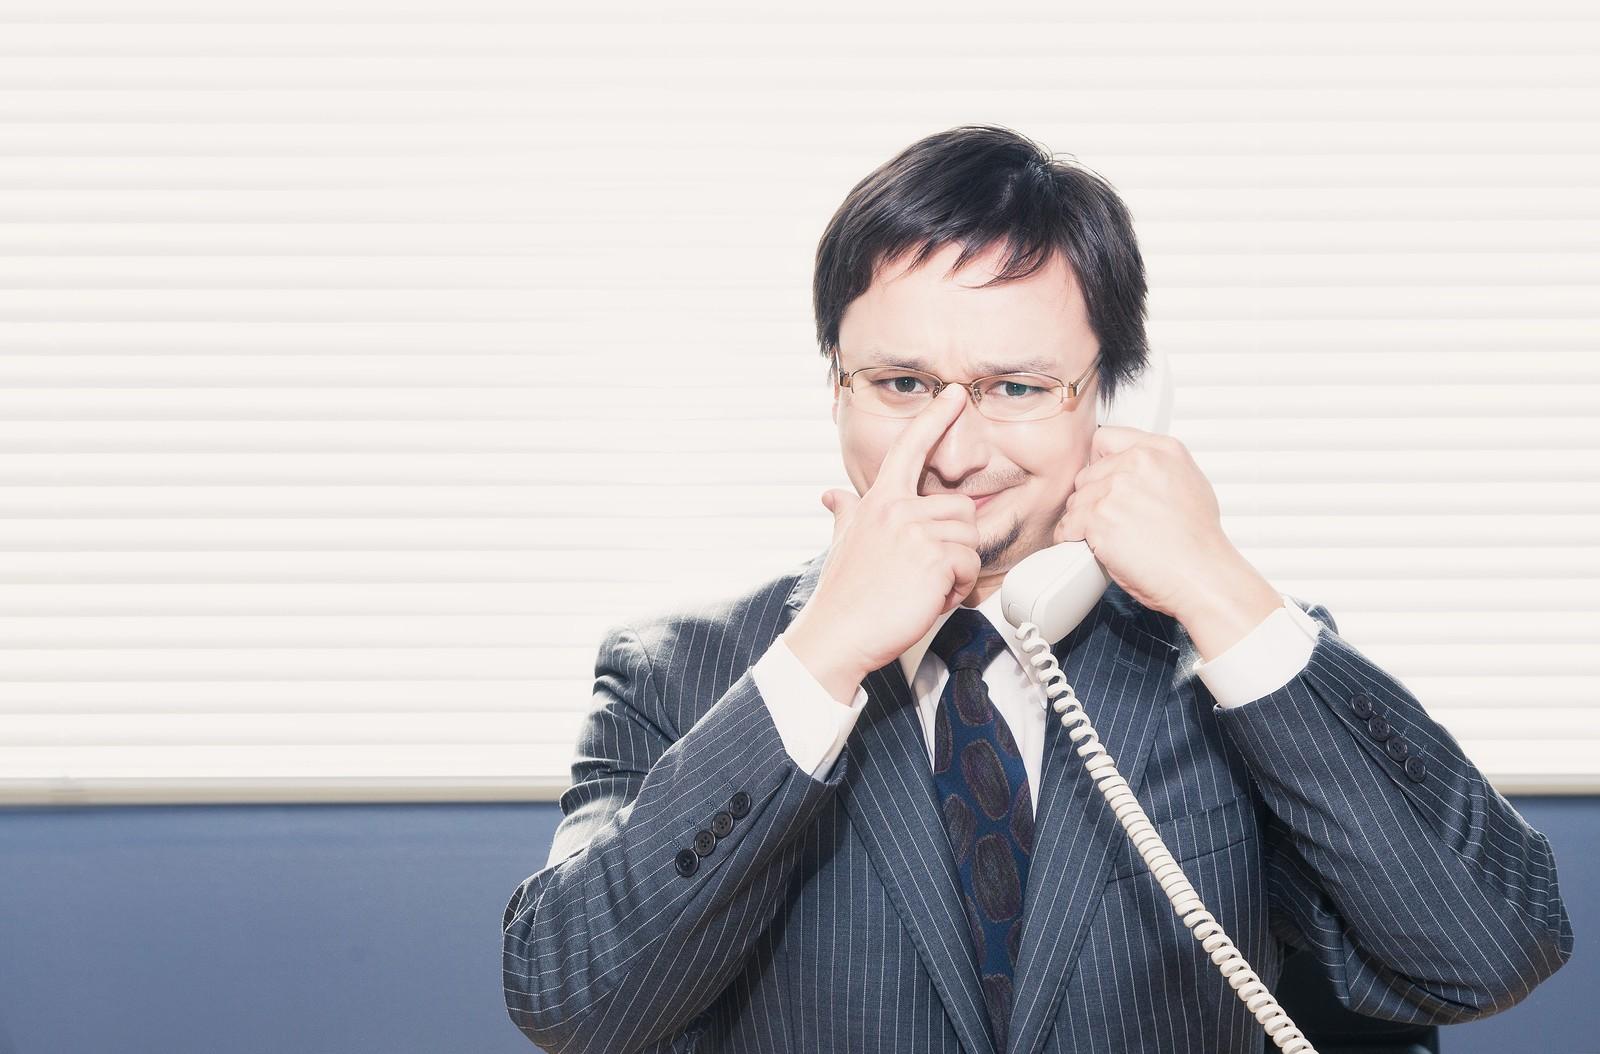 050のIP電話からかかってきたら詐欺ってどんだけ馬鹿なの?w